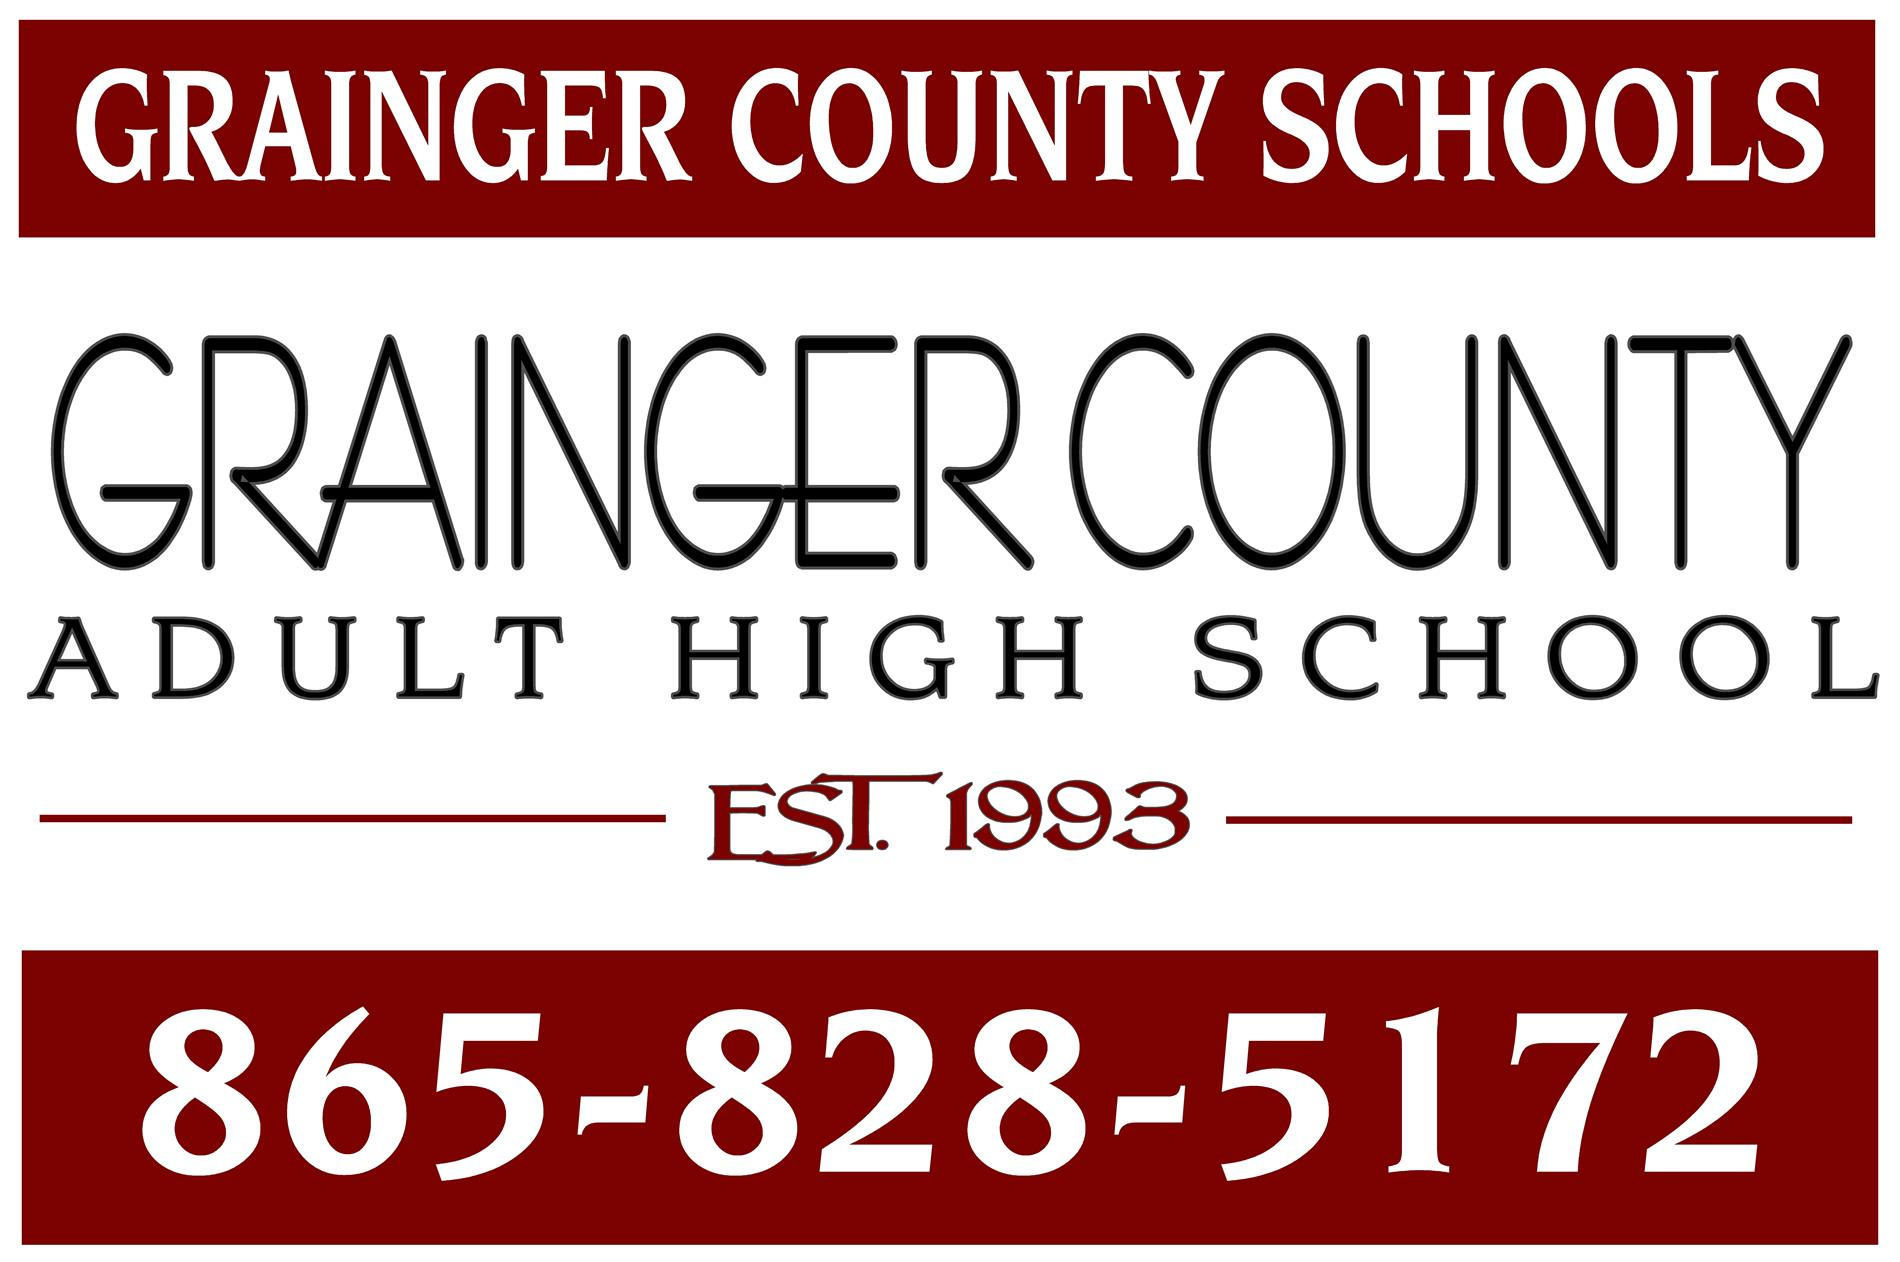 Grainger County Adult High School